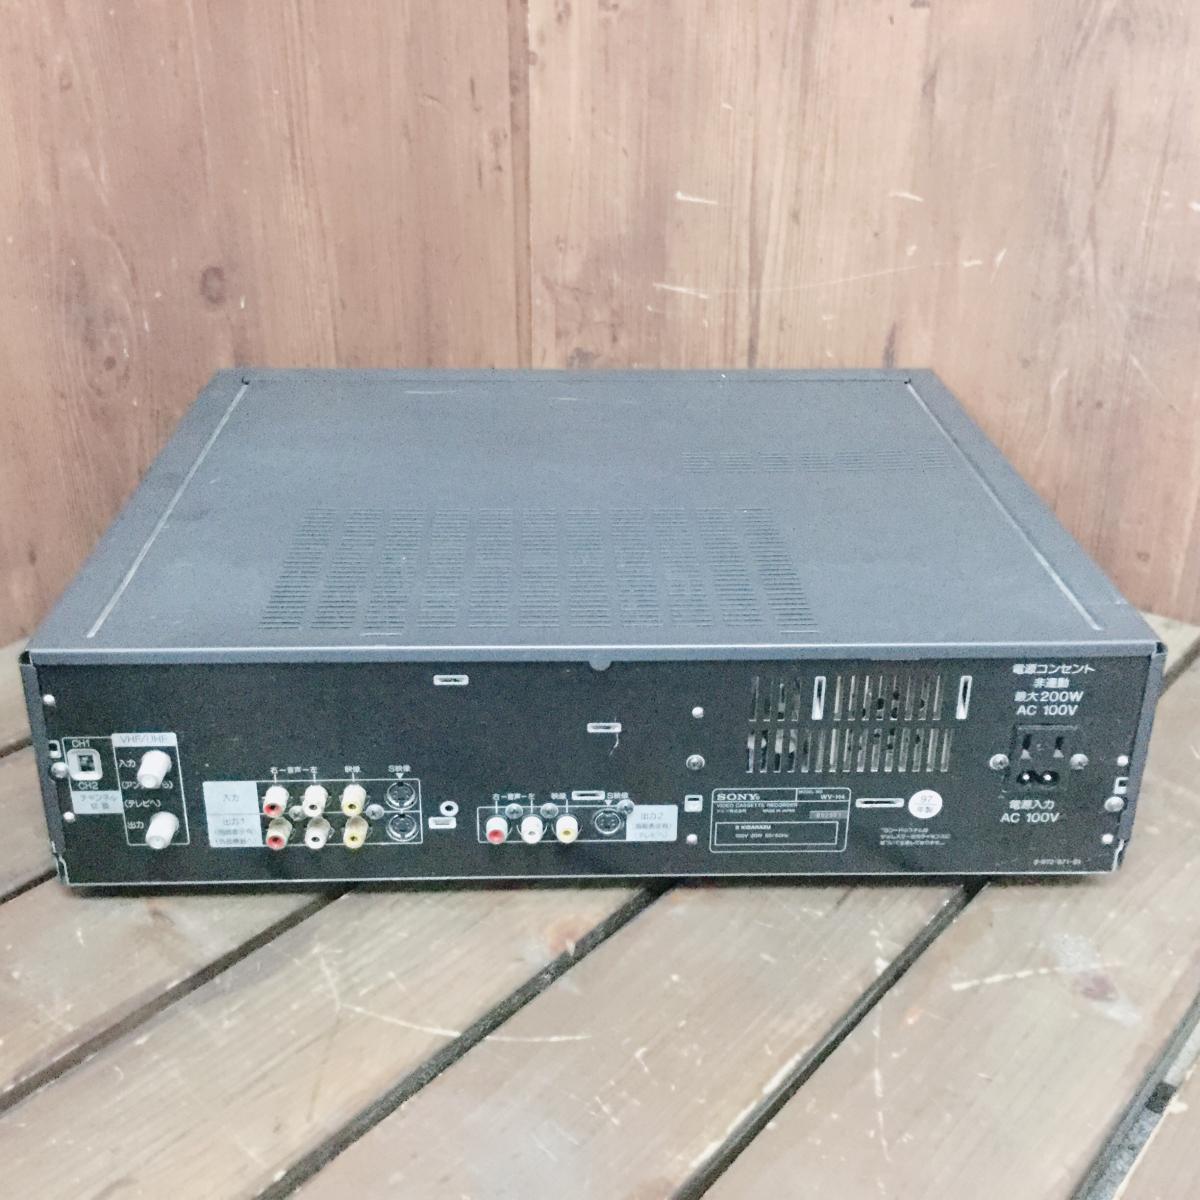 ☆ SONY ソニー WV-H4 Hi8 VHS 一体型 ビデオカセットレコーダー ビデオデッキ ジャンク ☆_画像2